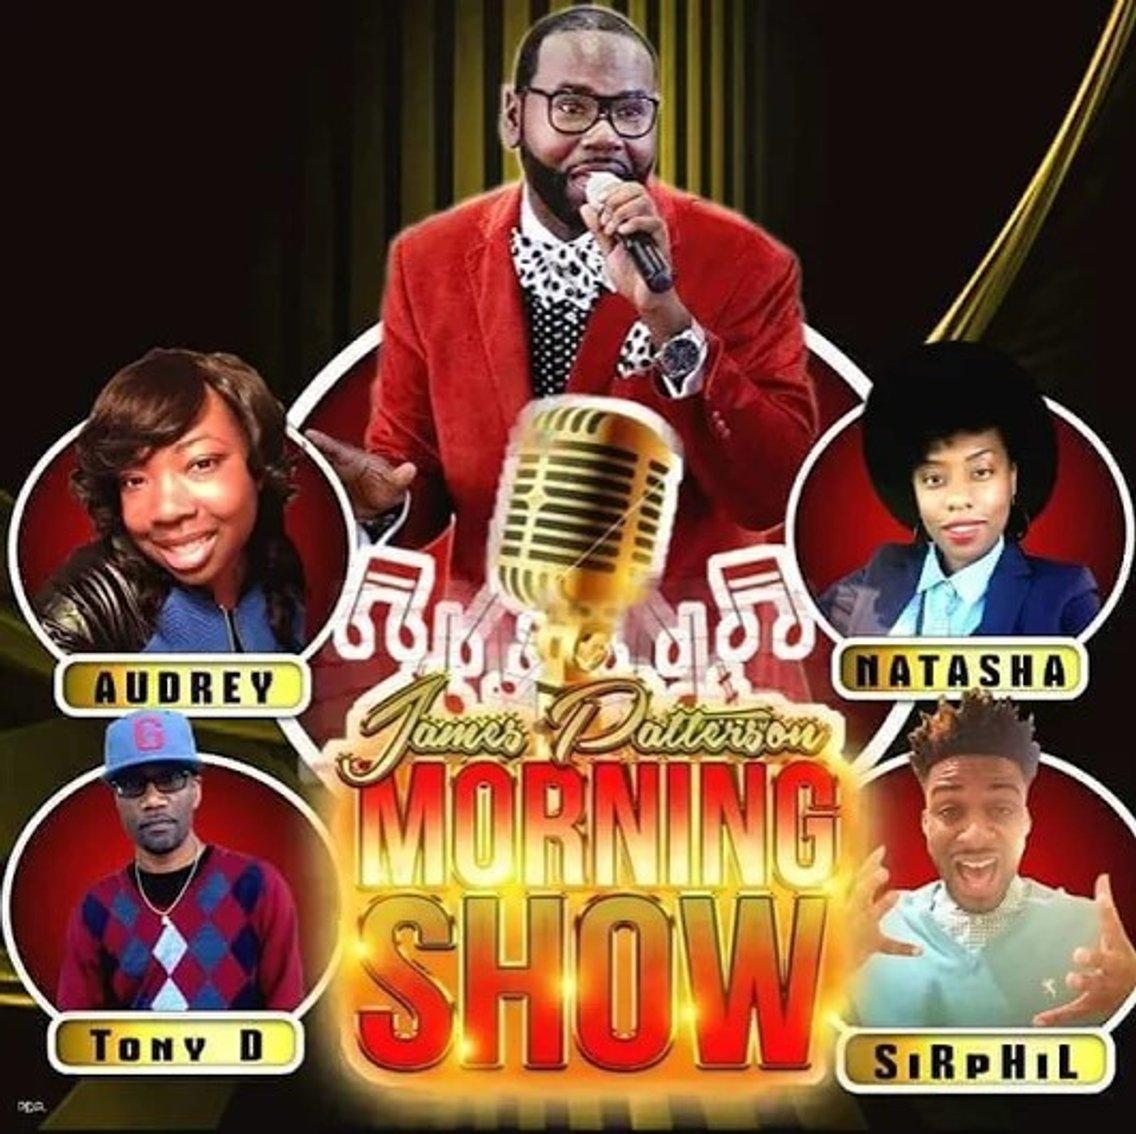 The James Patterson Morning Show - immagine di copertina